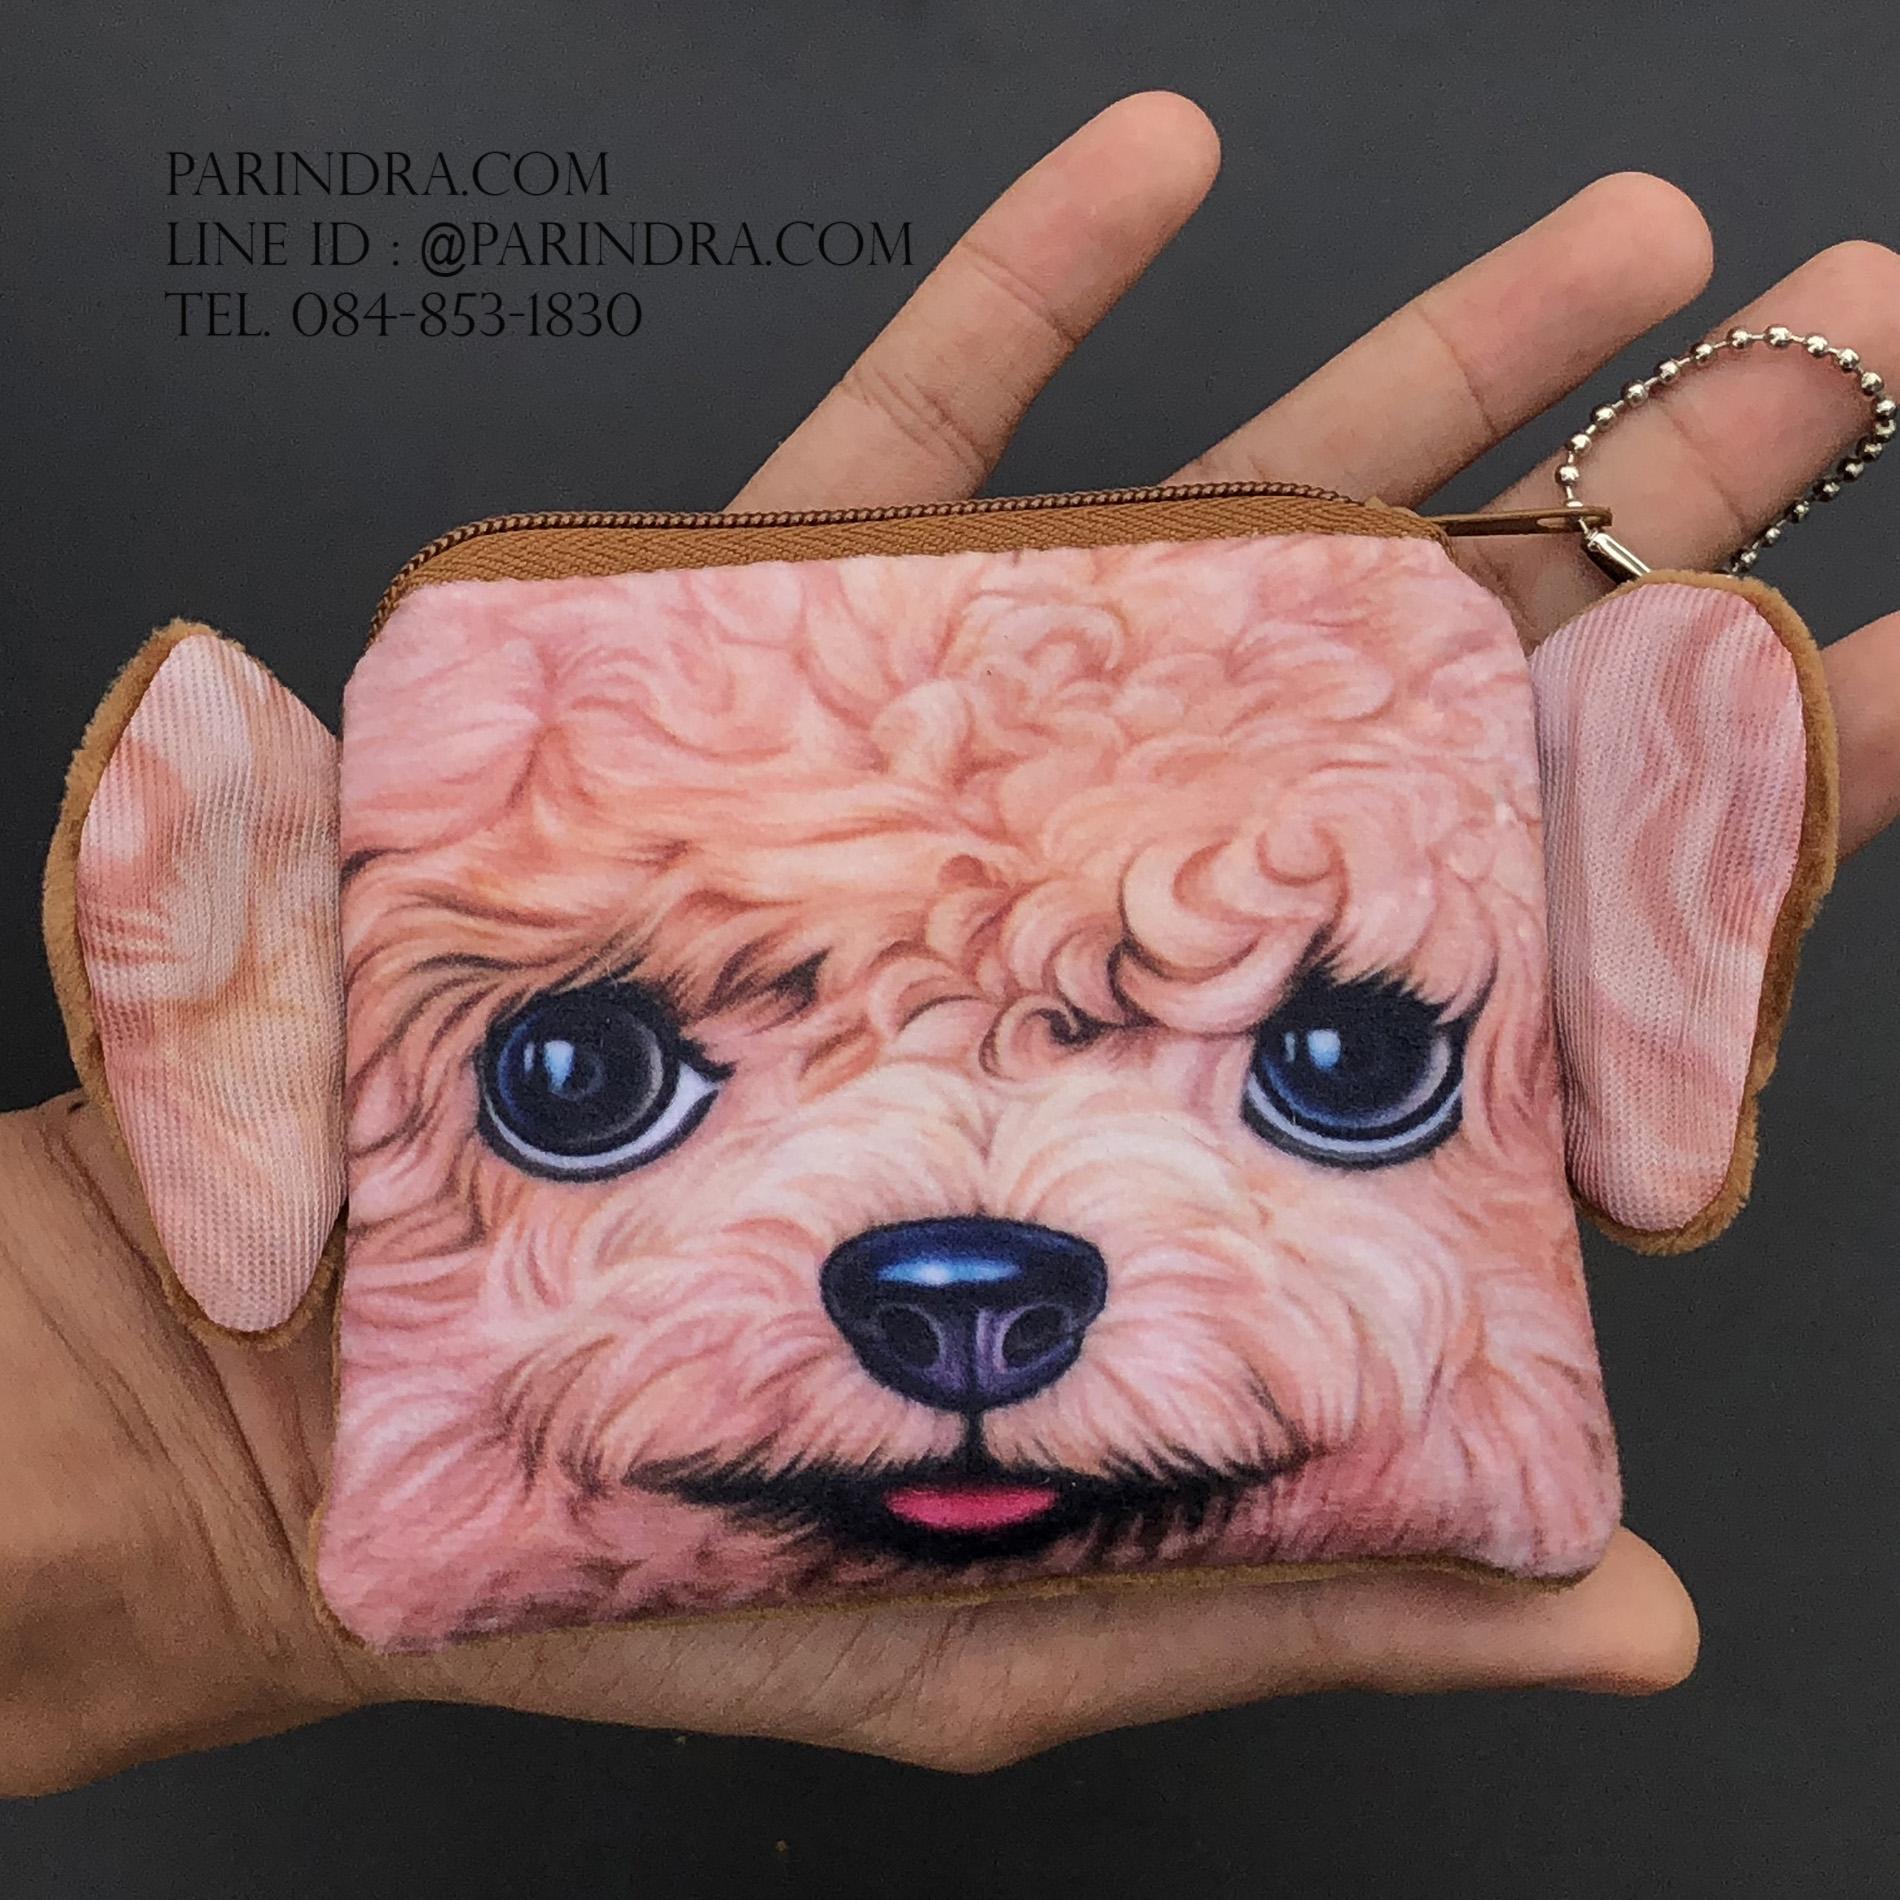 กระเป๋าใส่เหรียญ น่ารัก ขนาดกลาง สุนัขพุดเดิ้ล